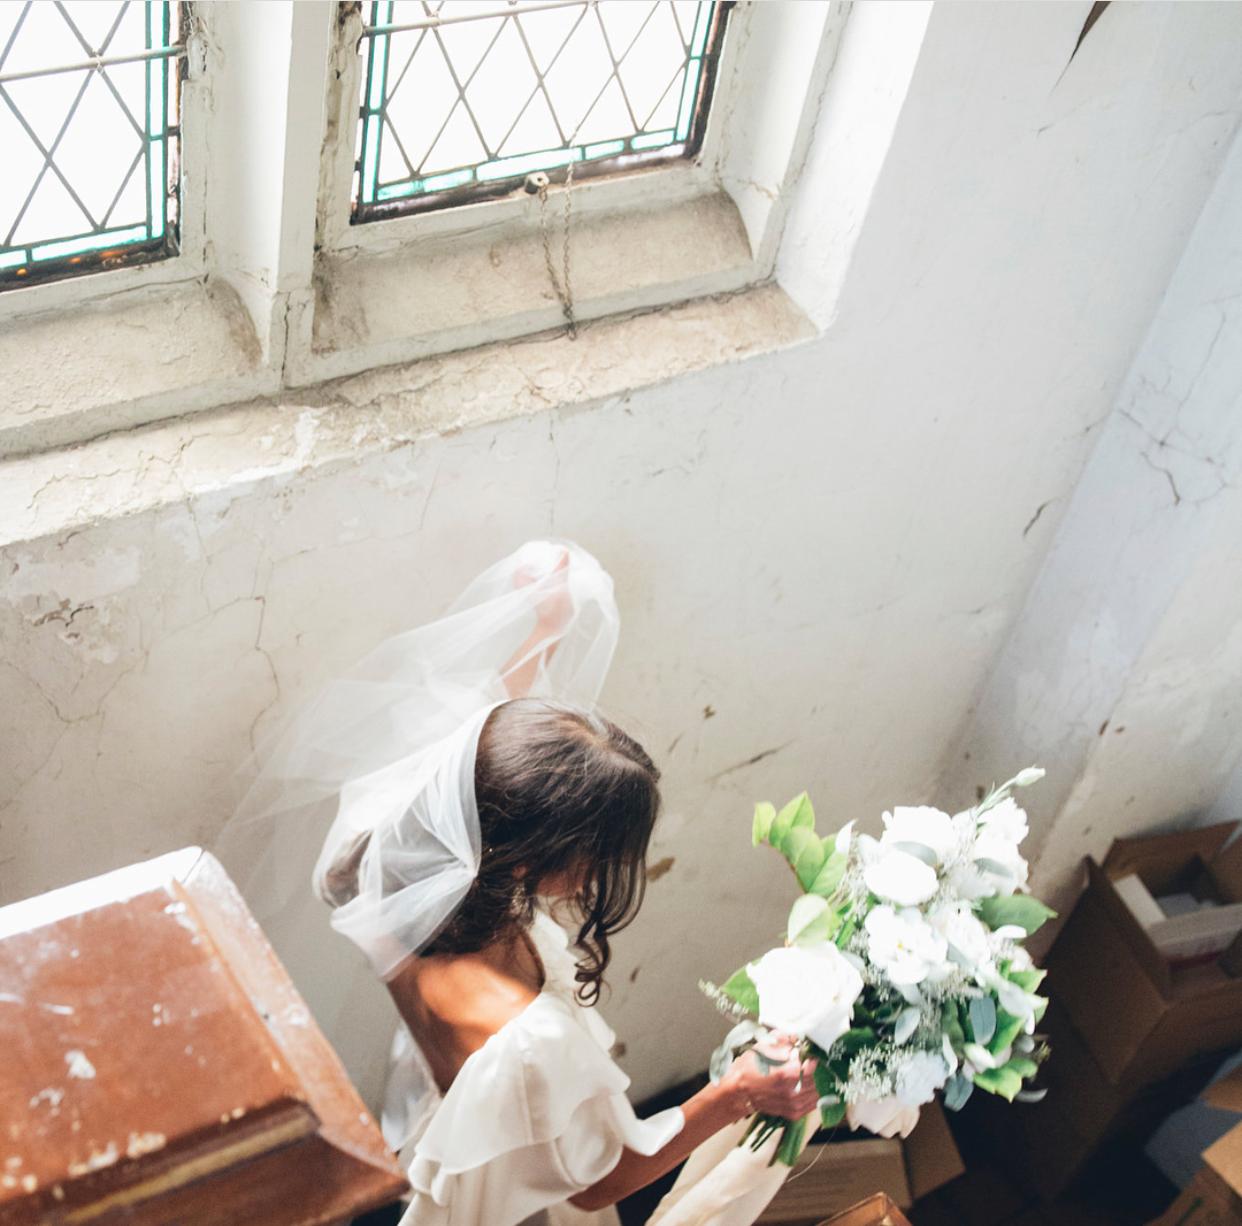 OUR BRIDE KARA IN THE DEVENDRA DRESS